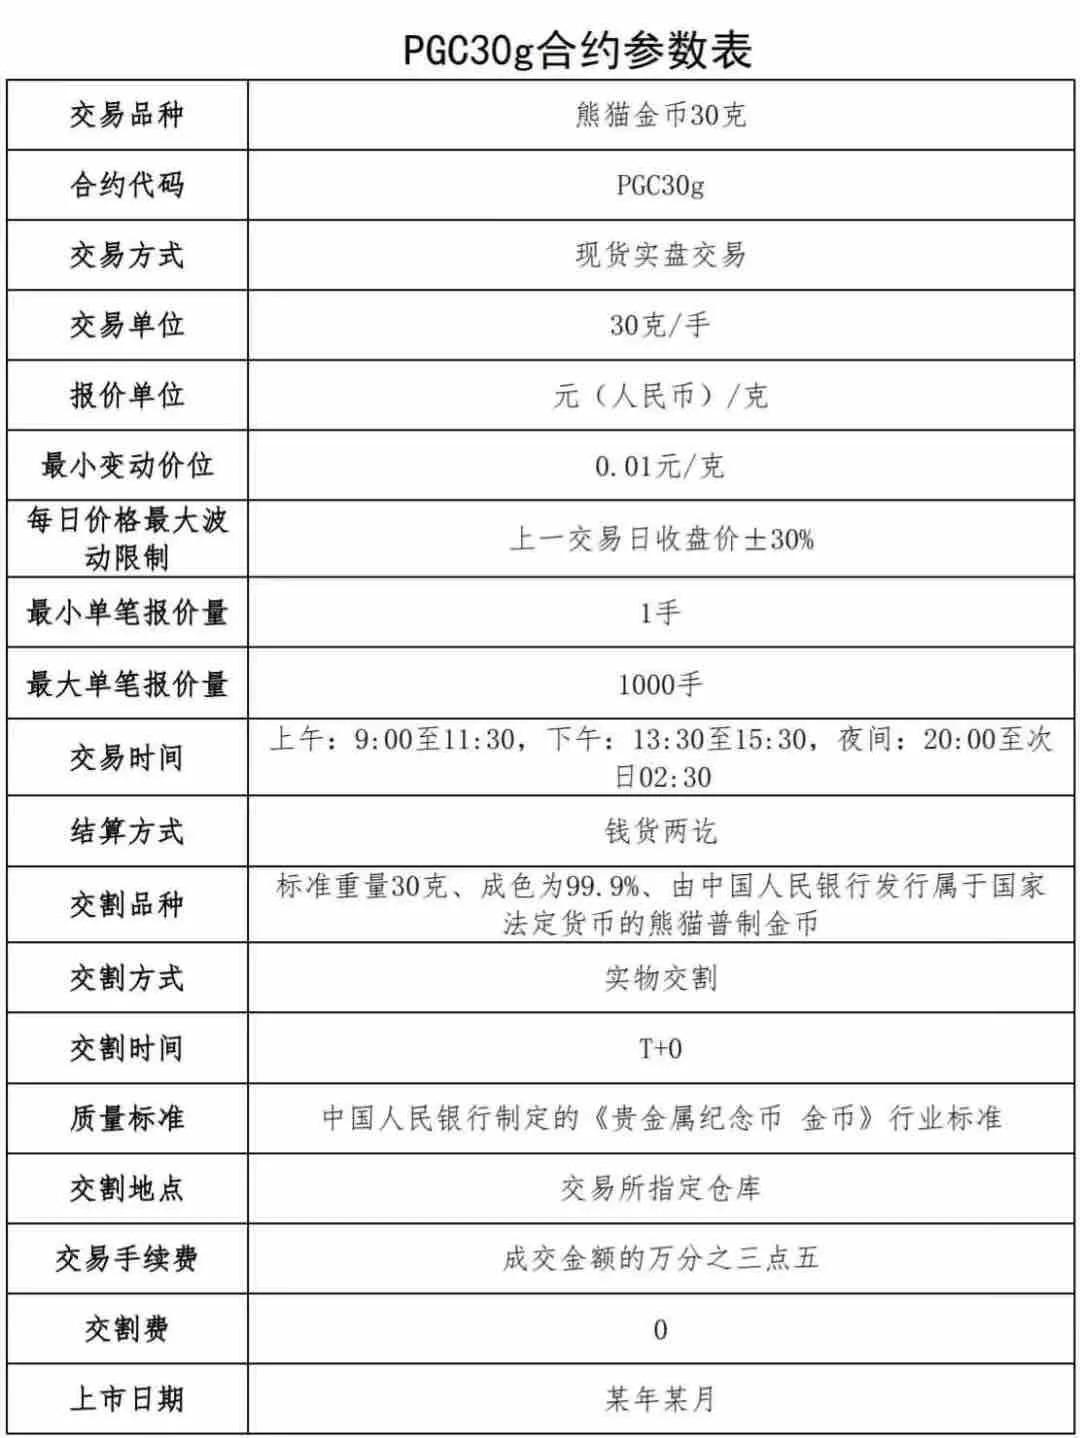 上海黄金交易所关于挂牌熊猫普制激情乱伦合约的通知